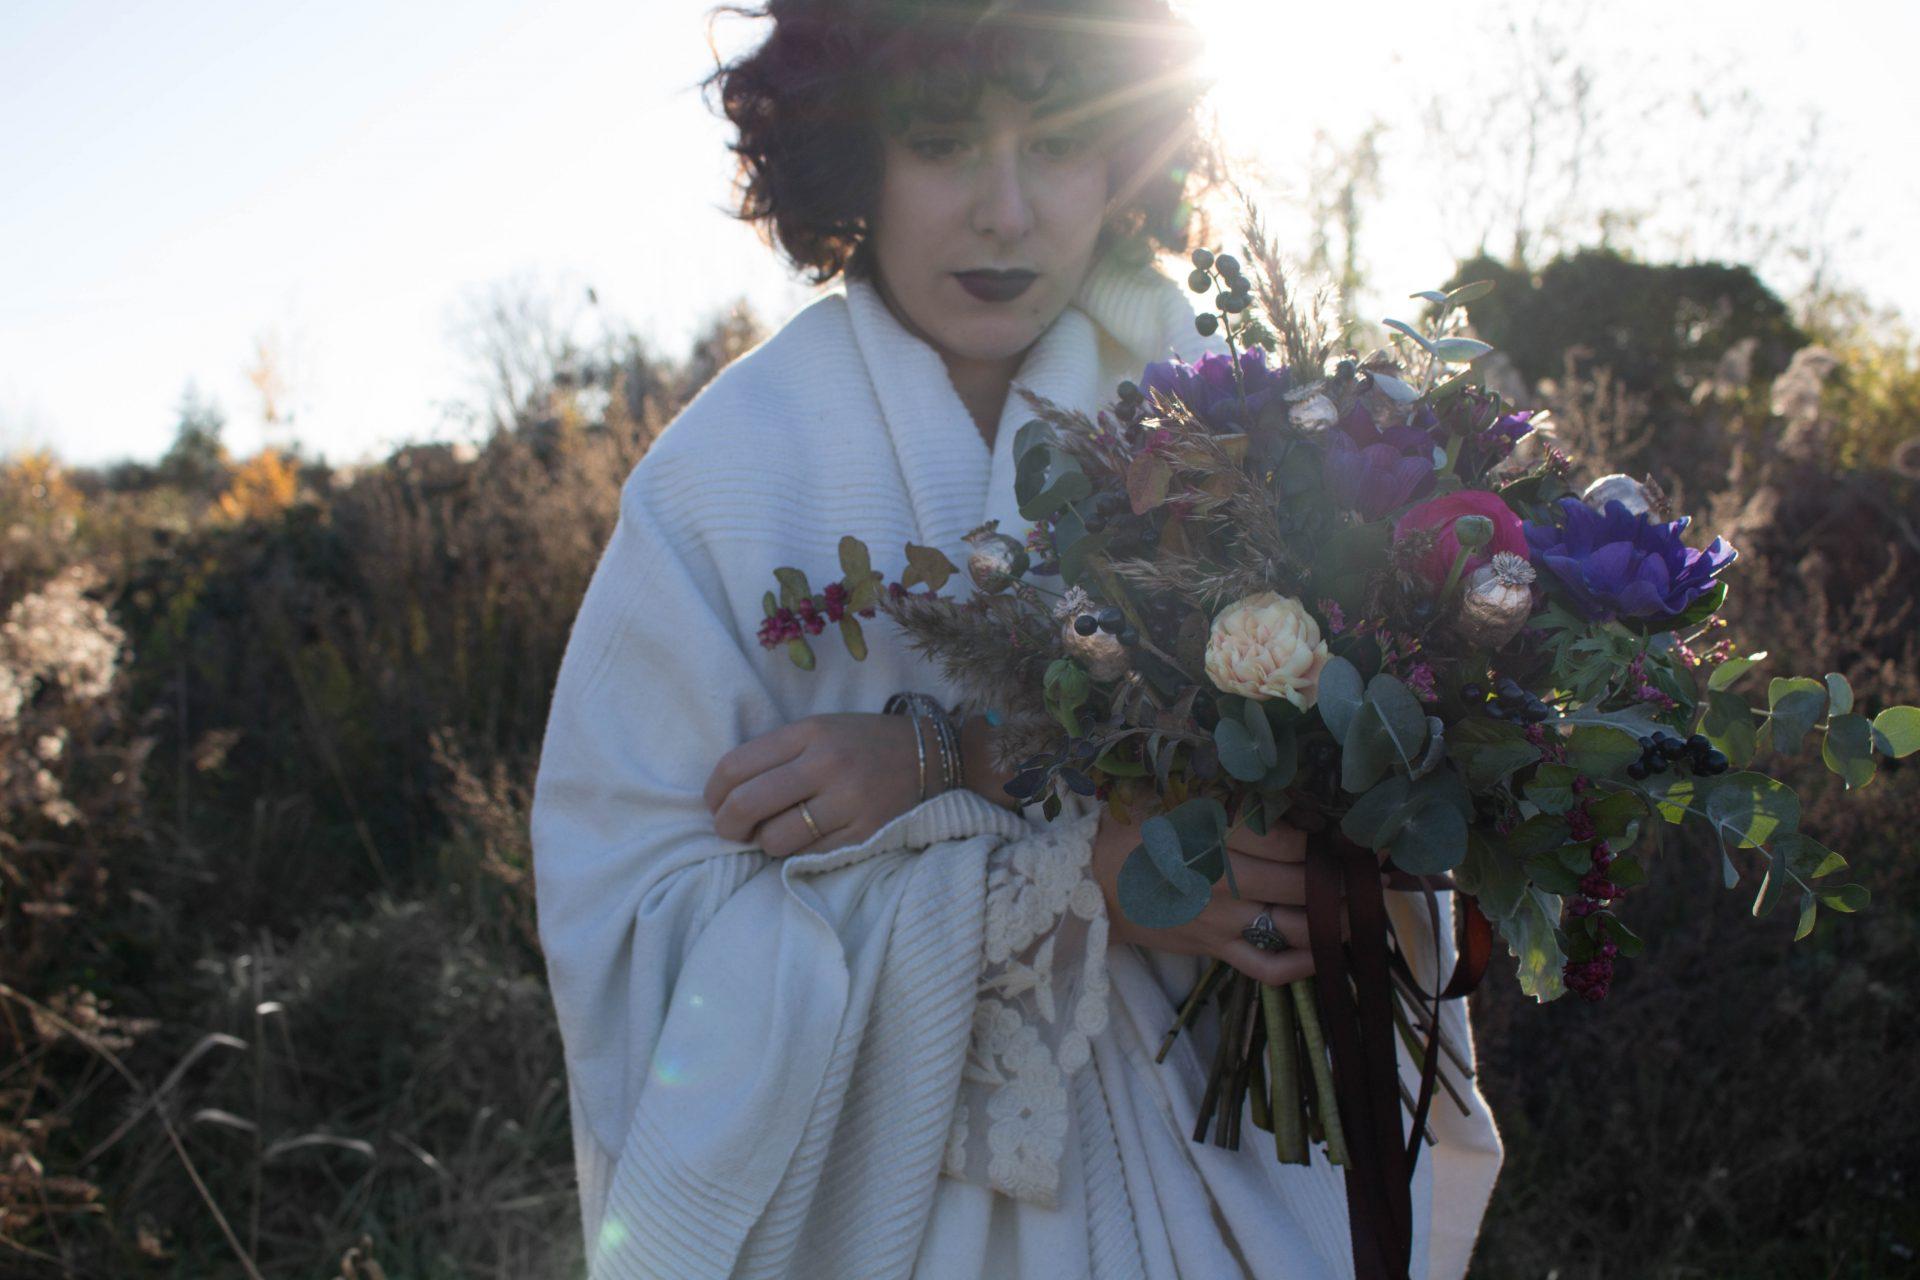 IMG 0013 - Interview de Floriane - Un dix neuf septembre - Floral Artist - Wedding planner - Organisation de Mariage en France, au Luxembourg, en italie, en provence, à la montagne